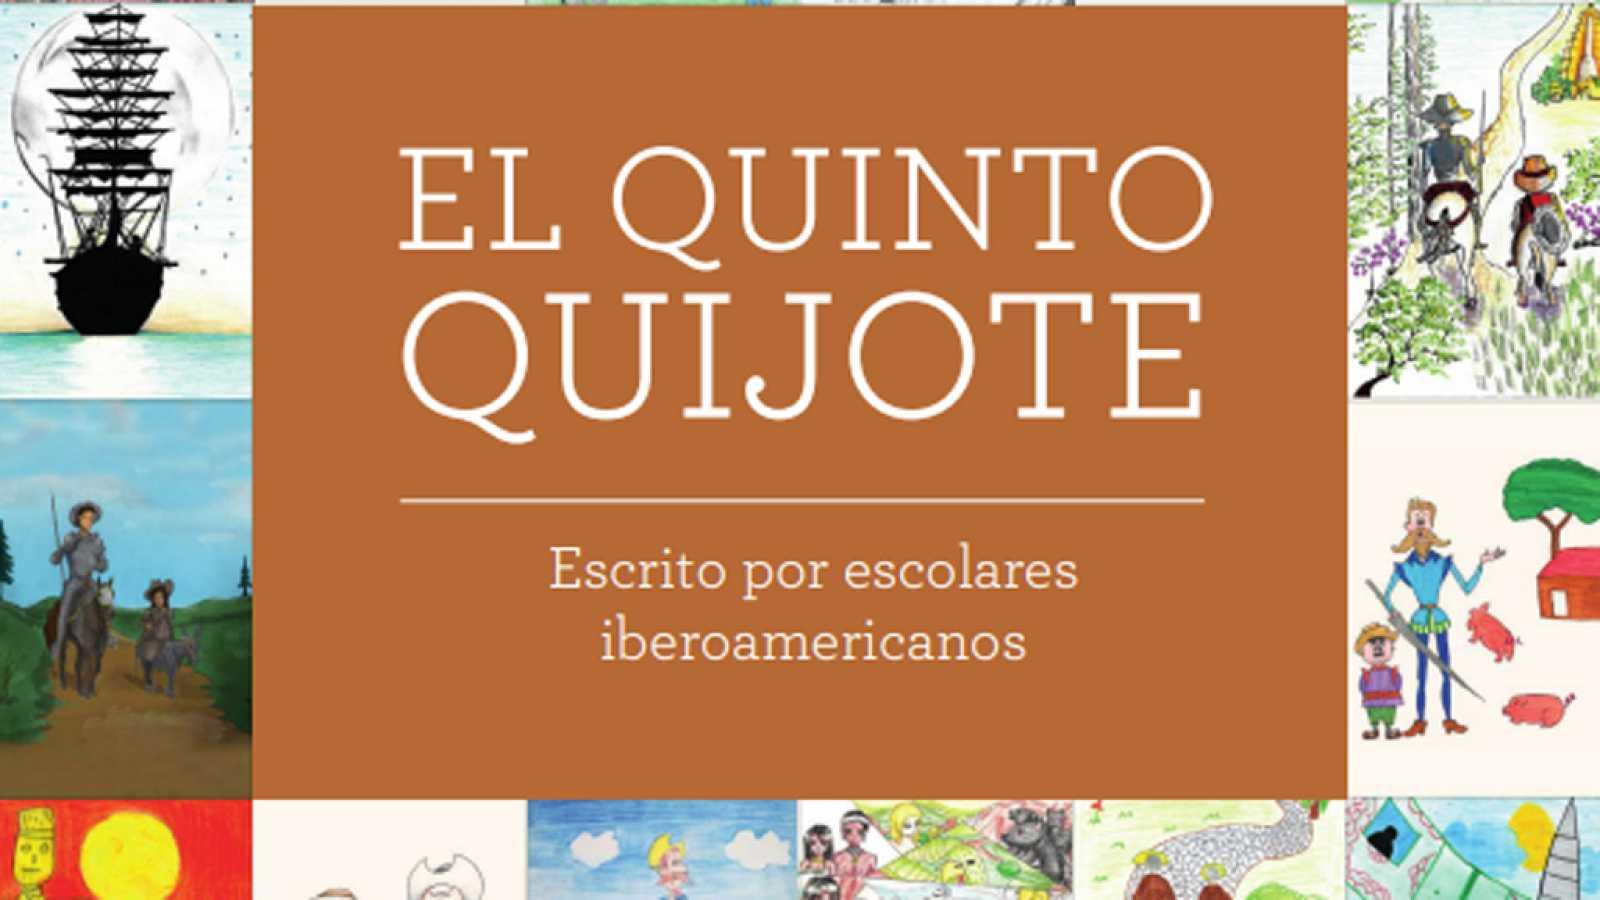 Espacio iberoamericano - Un 'Quijote' iberoamericano inventado por jóvenes - 20/04/21 - escuchar ahora